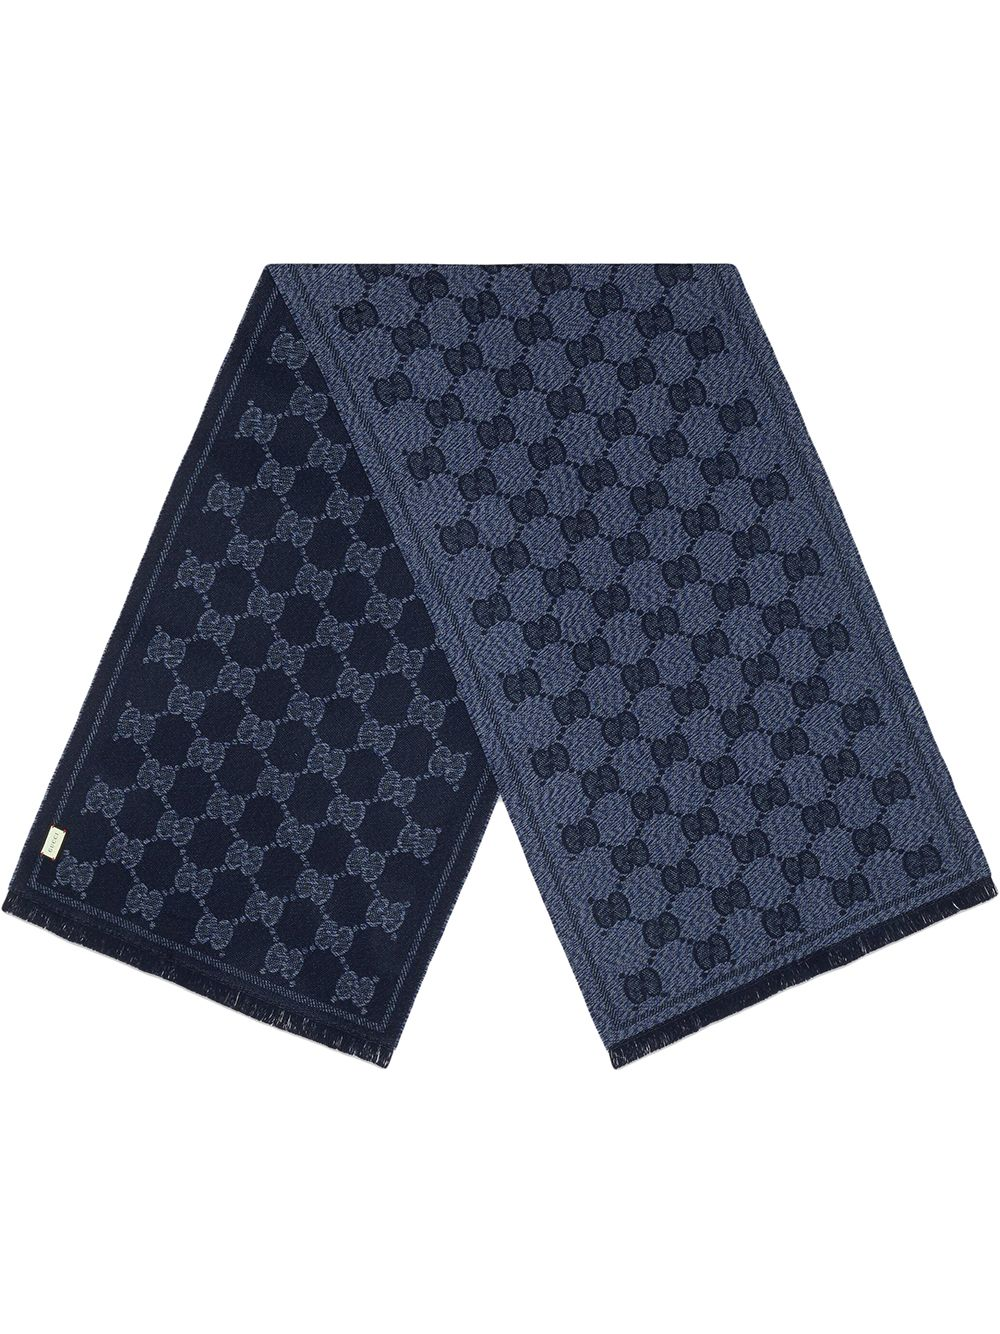 sciarpa in 100% lana blu con motivo Gucci Supreme all over GUCCI | Sciarpe e foulards | 625898-4G0594068